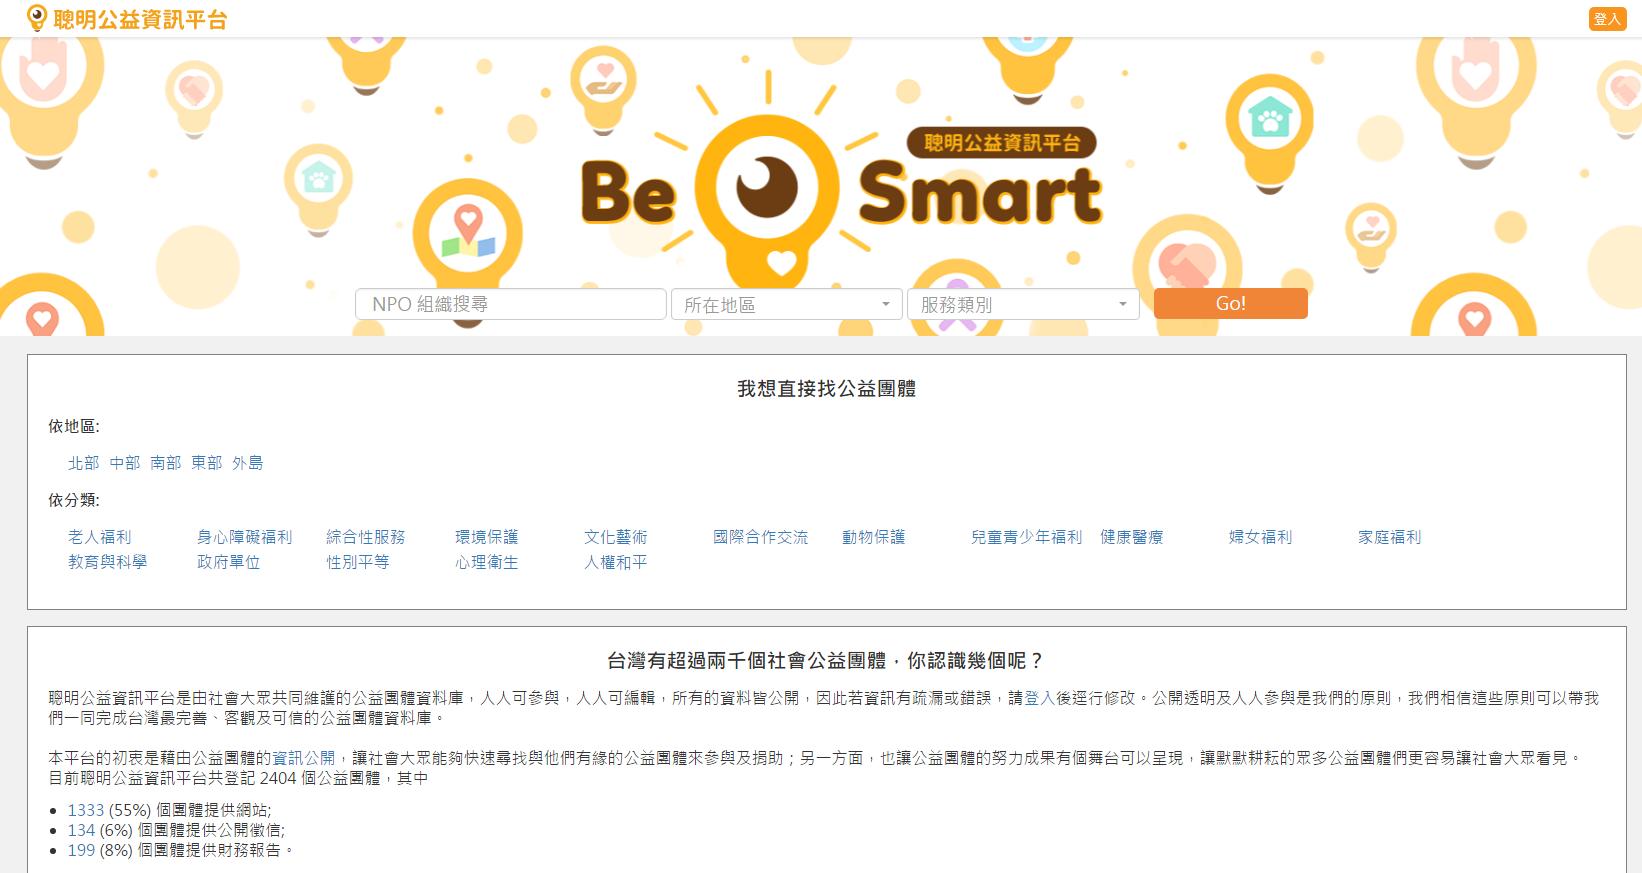 陳昇瑋:從公益資料分析到聰明公益平台的抽絲剝繭之路